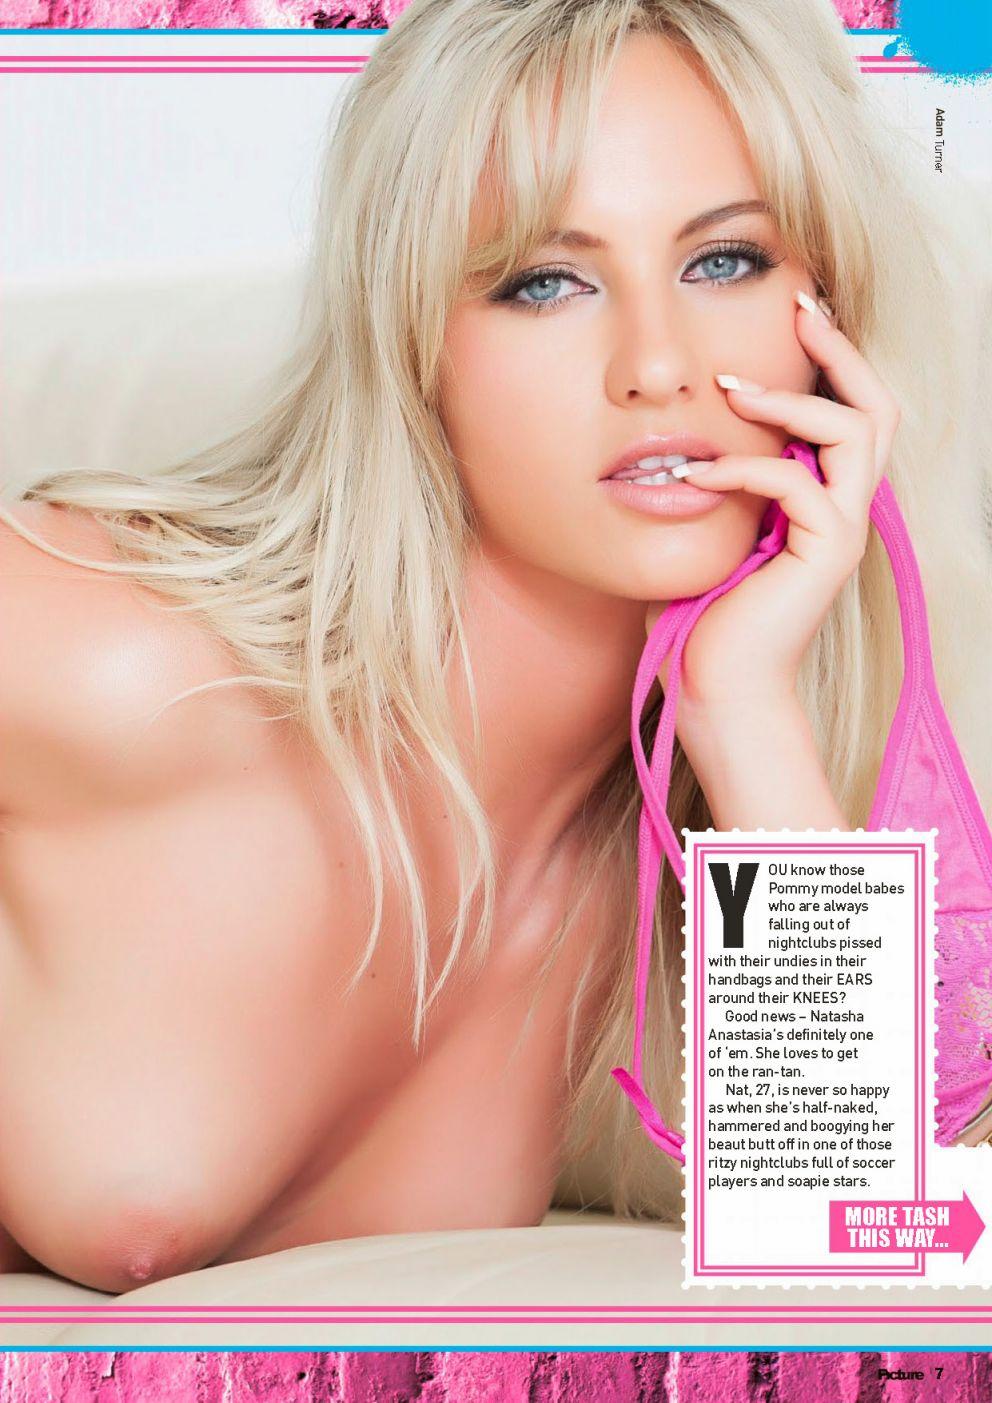 Natasha Anastasia Topless...